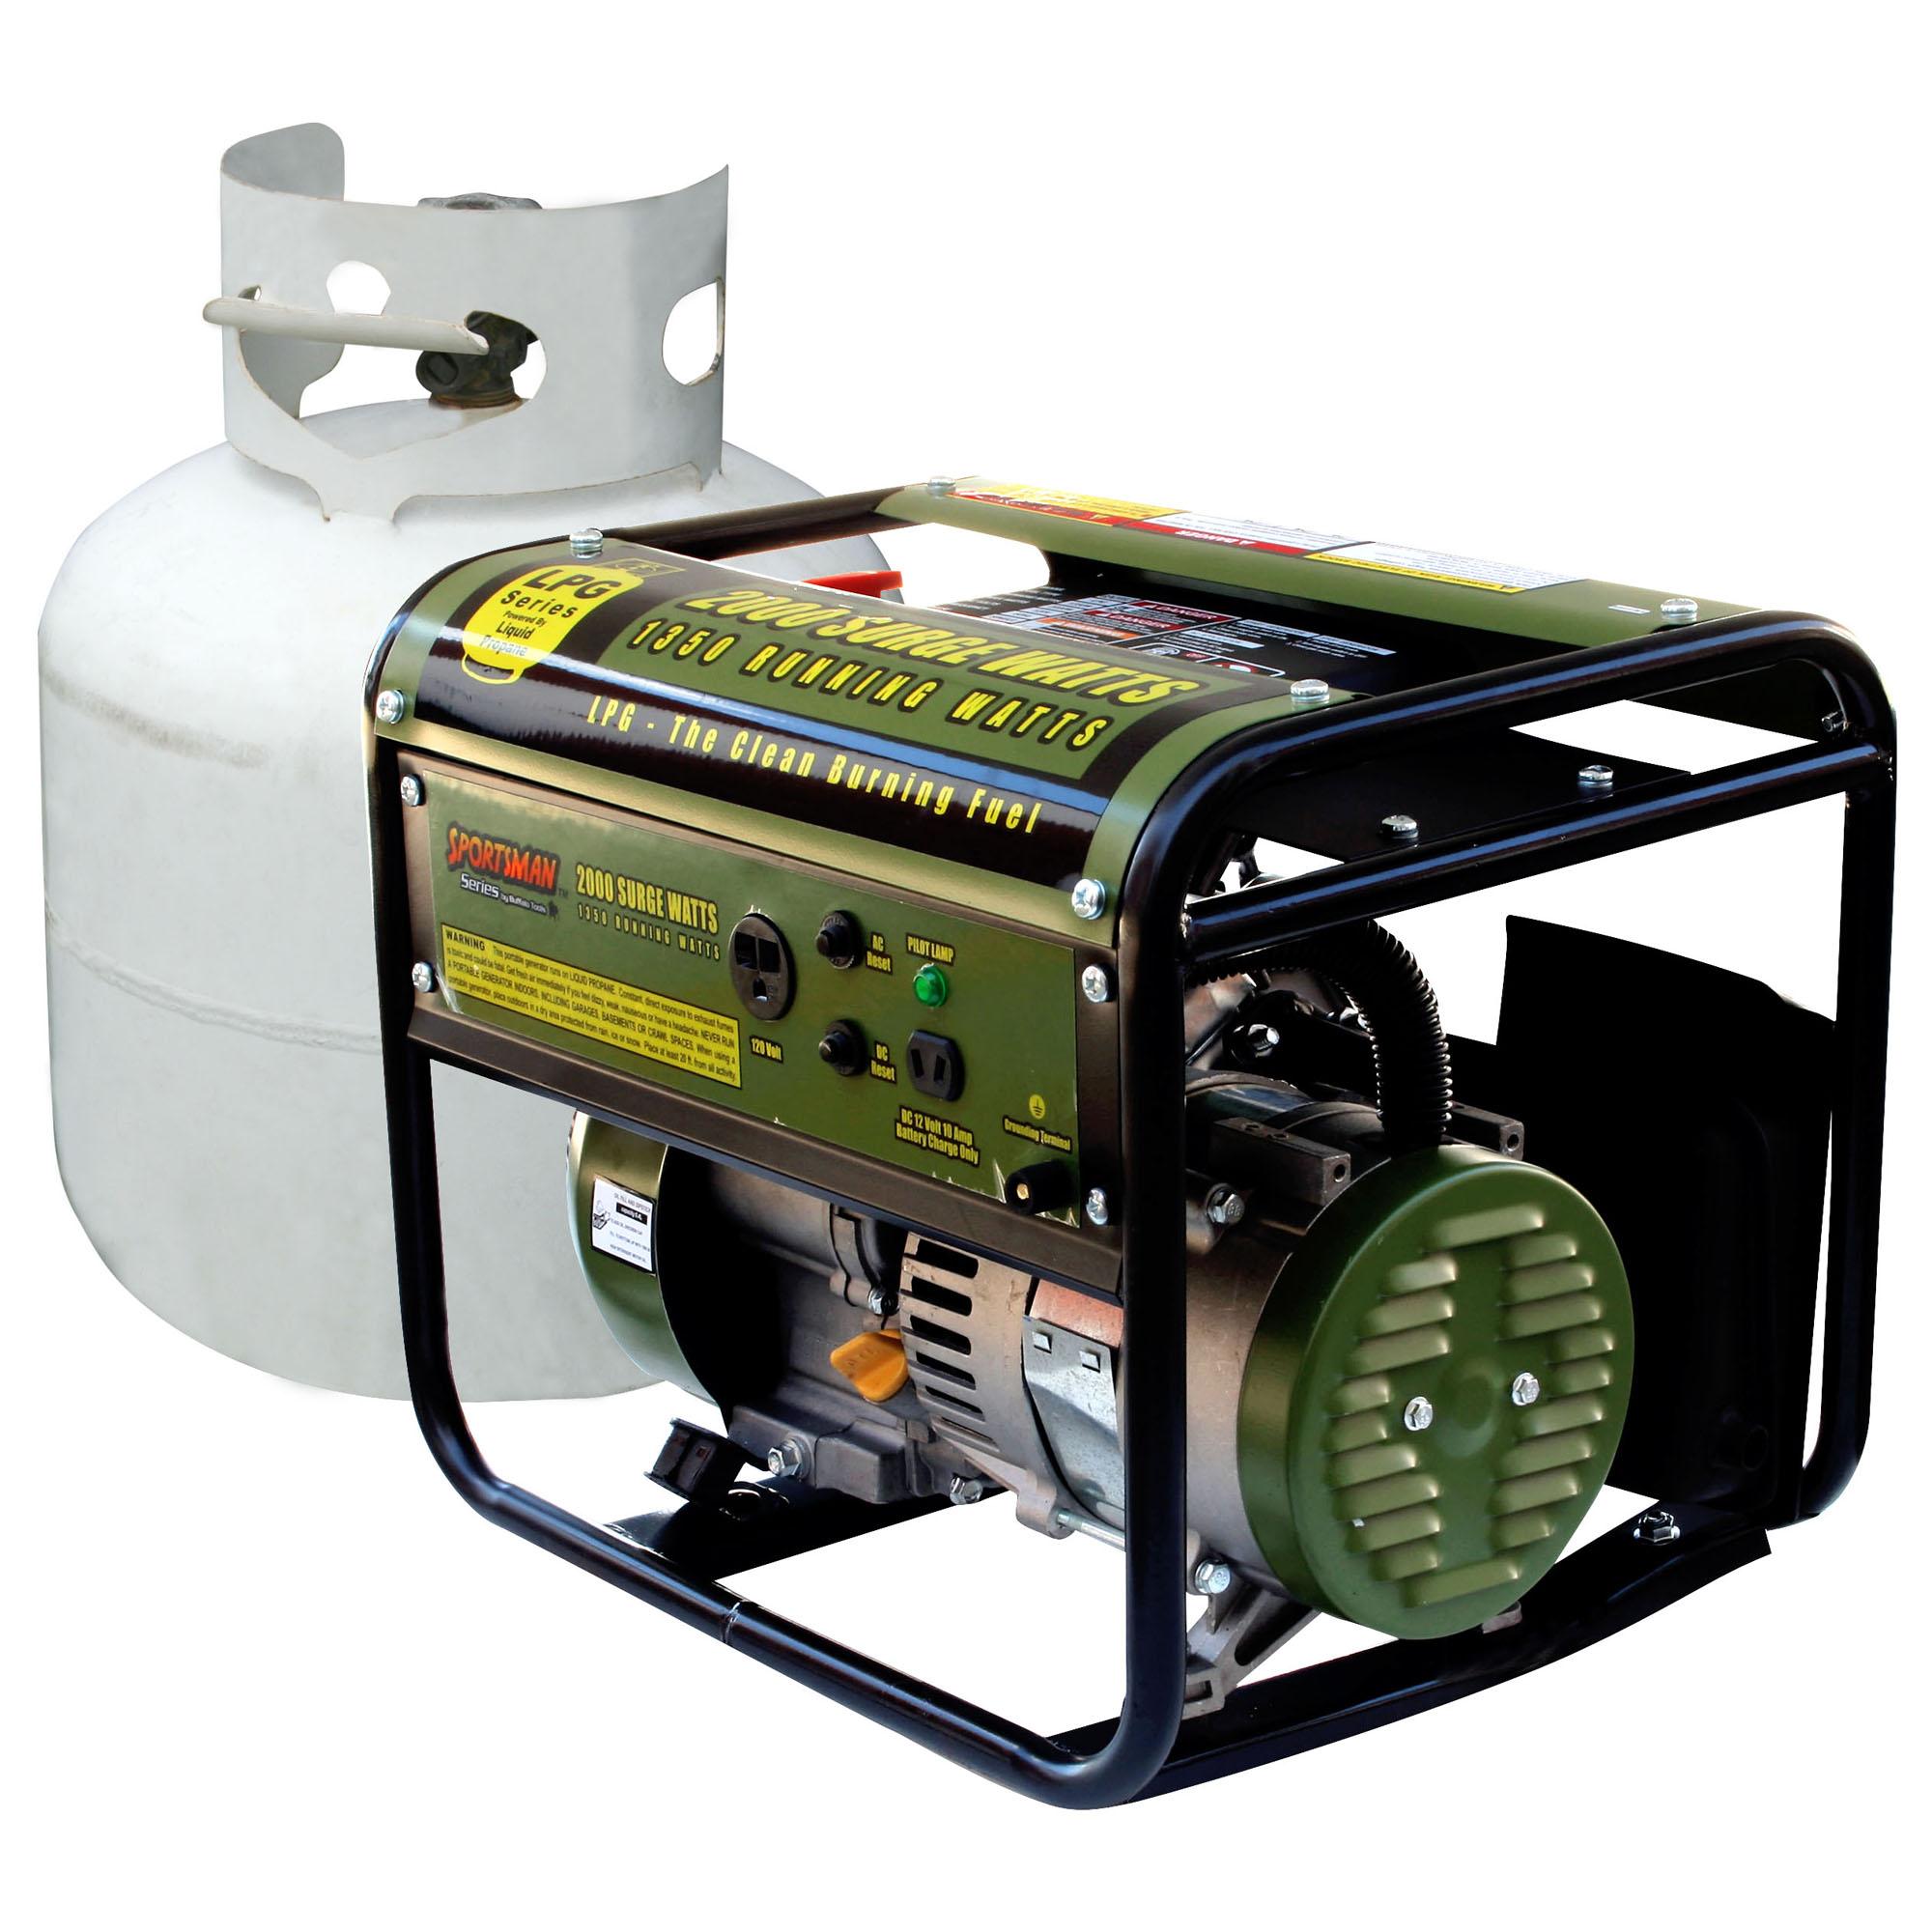 2000 watt Propane Generator Free Shipping Today Overstock